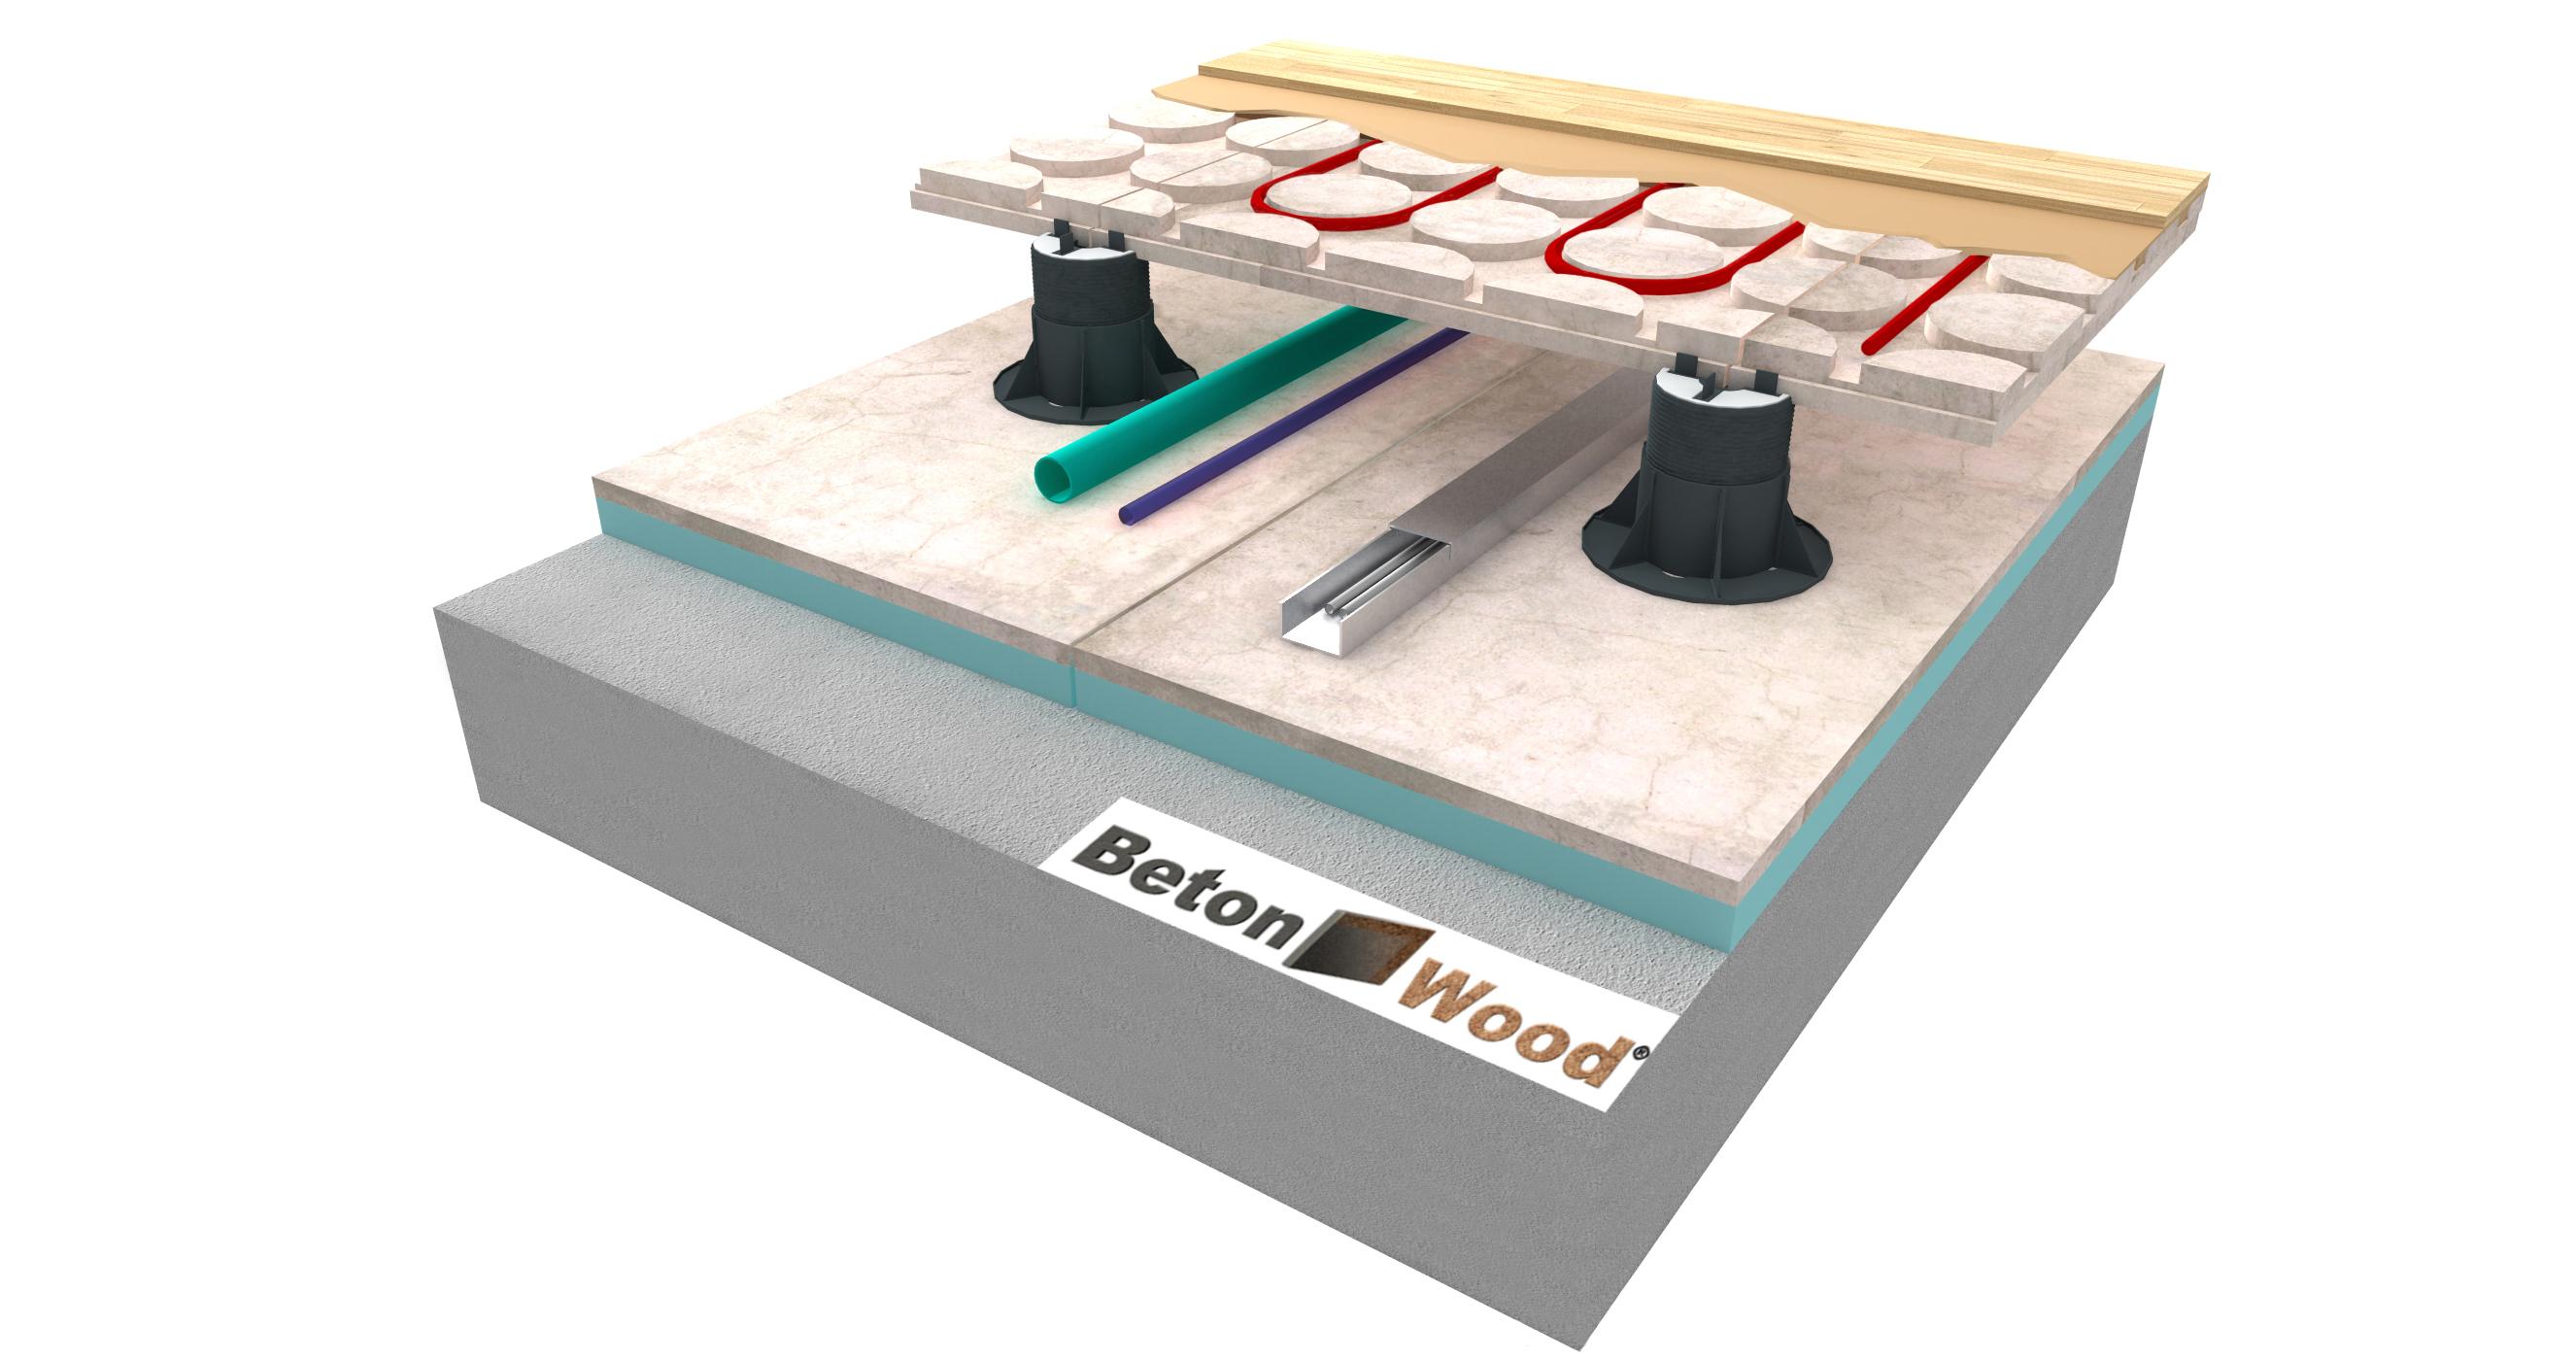 Isolamento pavimento flottante in legno con sughero | Applicazioni |  Tecnosugheri srl - sughero naturale per edilizia